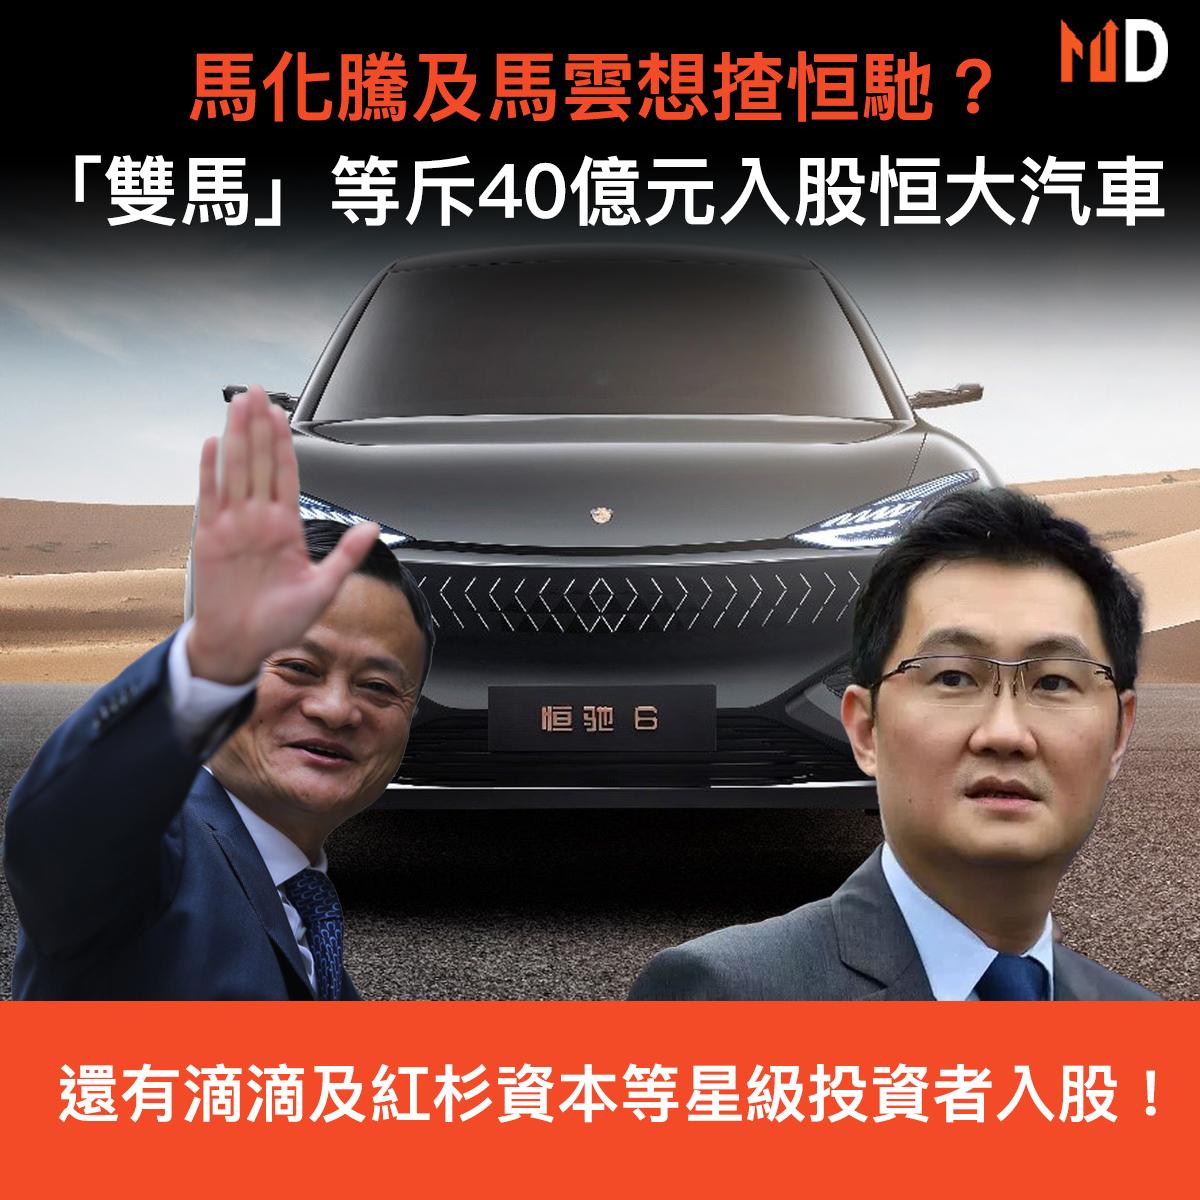 【雙馬注資】馬化騰及馬雲想揸恒馳?「雙馬」等斥40億元入股恒大汽車!